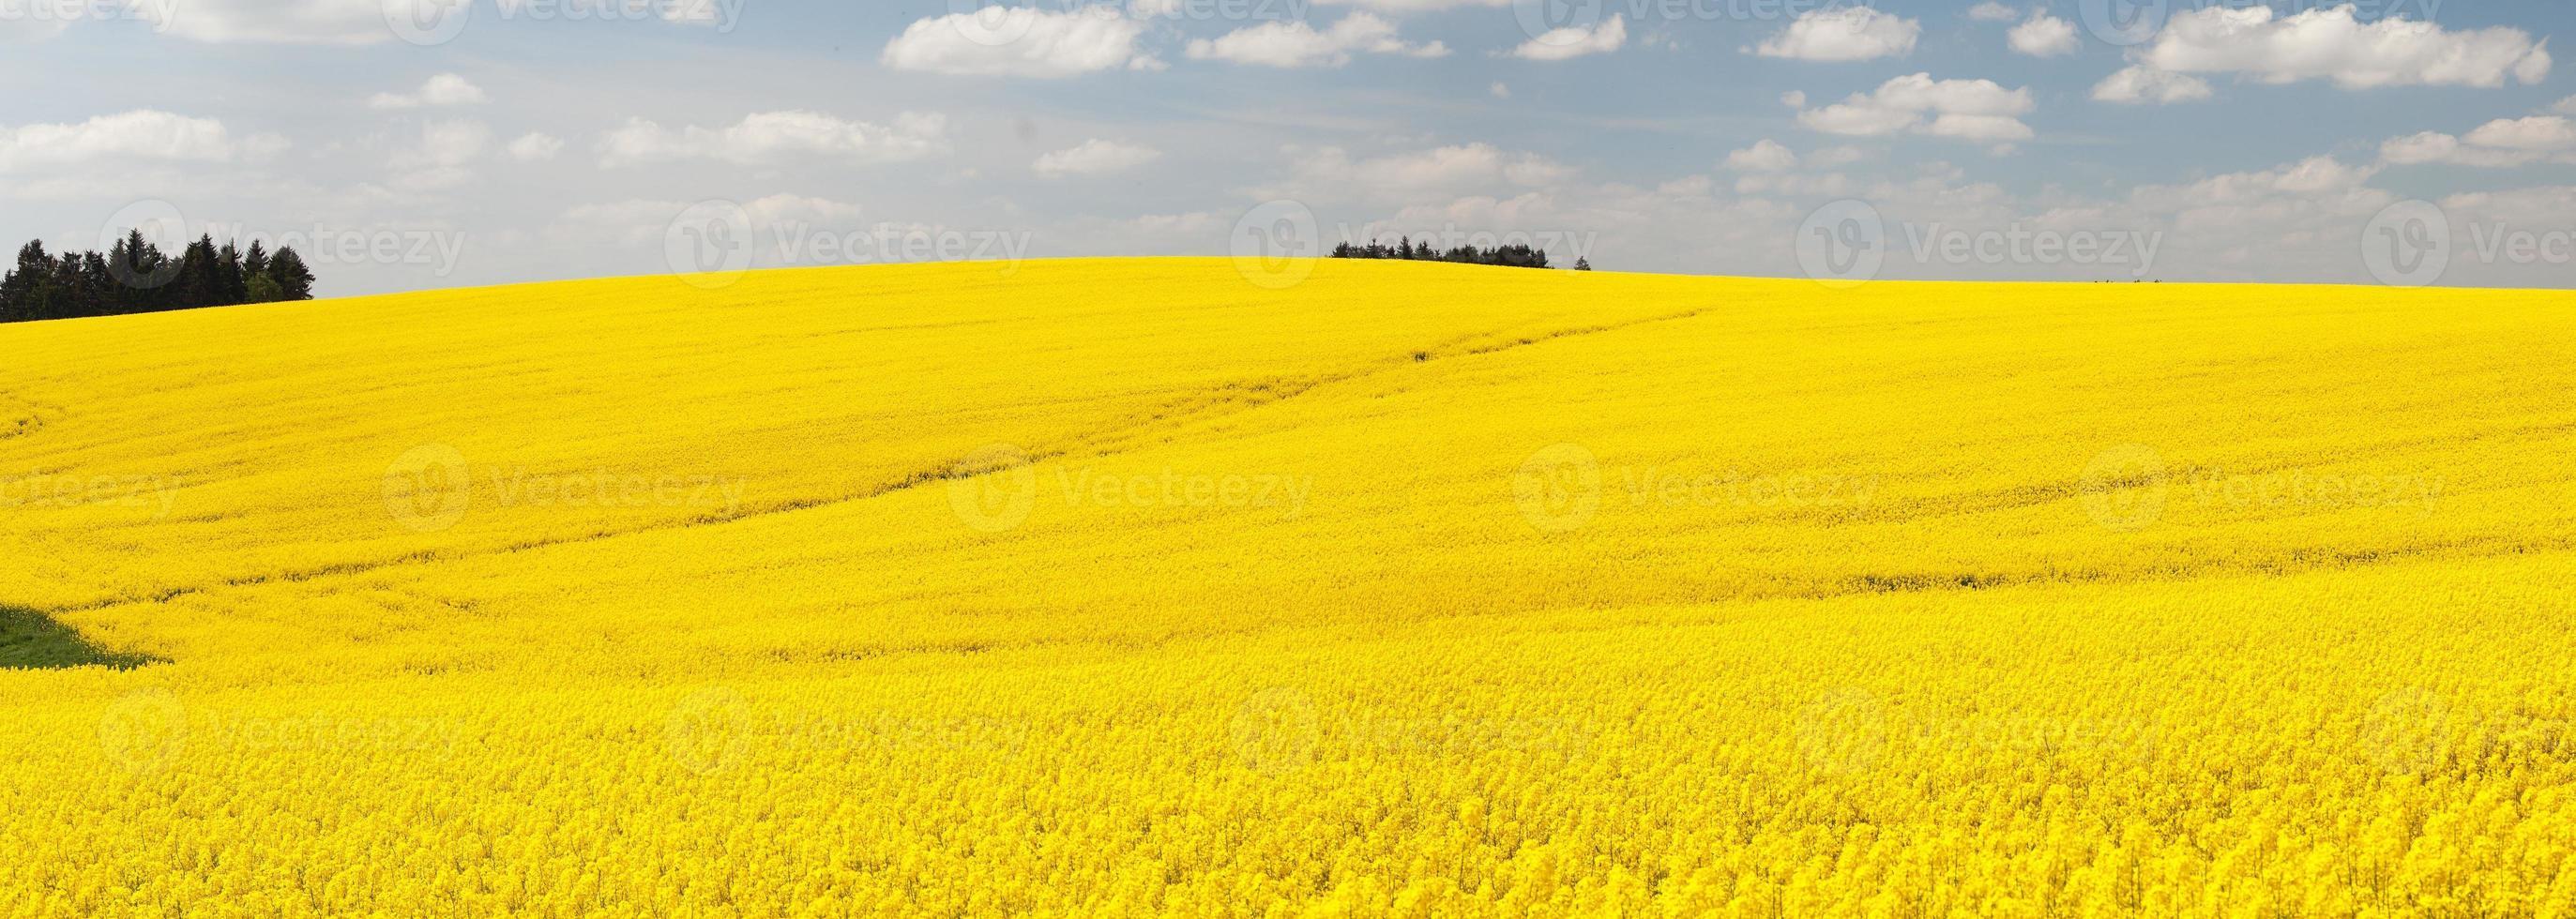 panoramisch uitzicht van bloeiende koolzaad gebied - Brassica napus foto